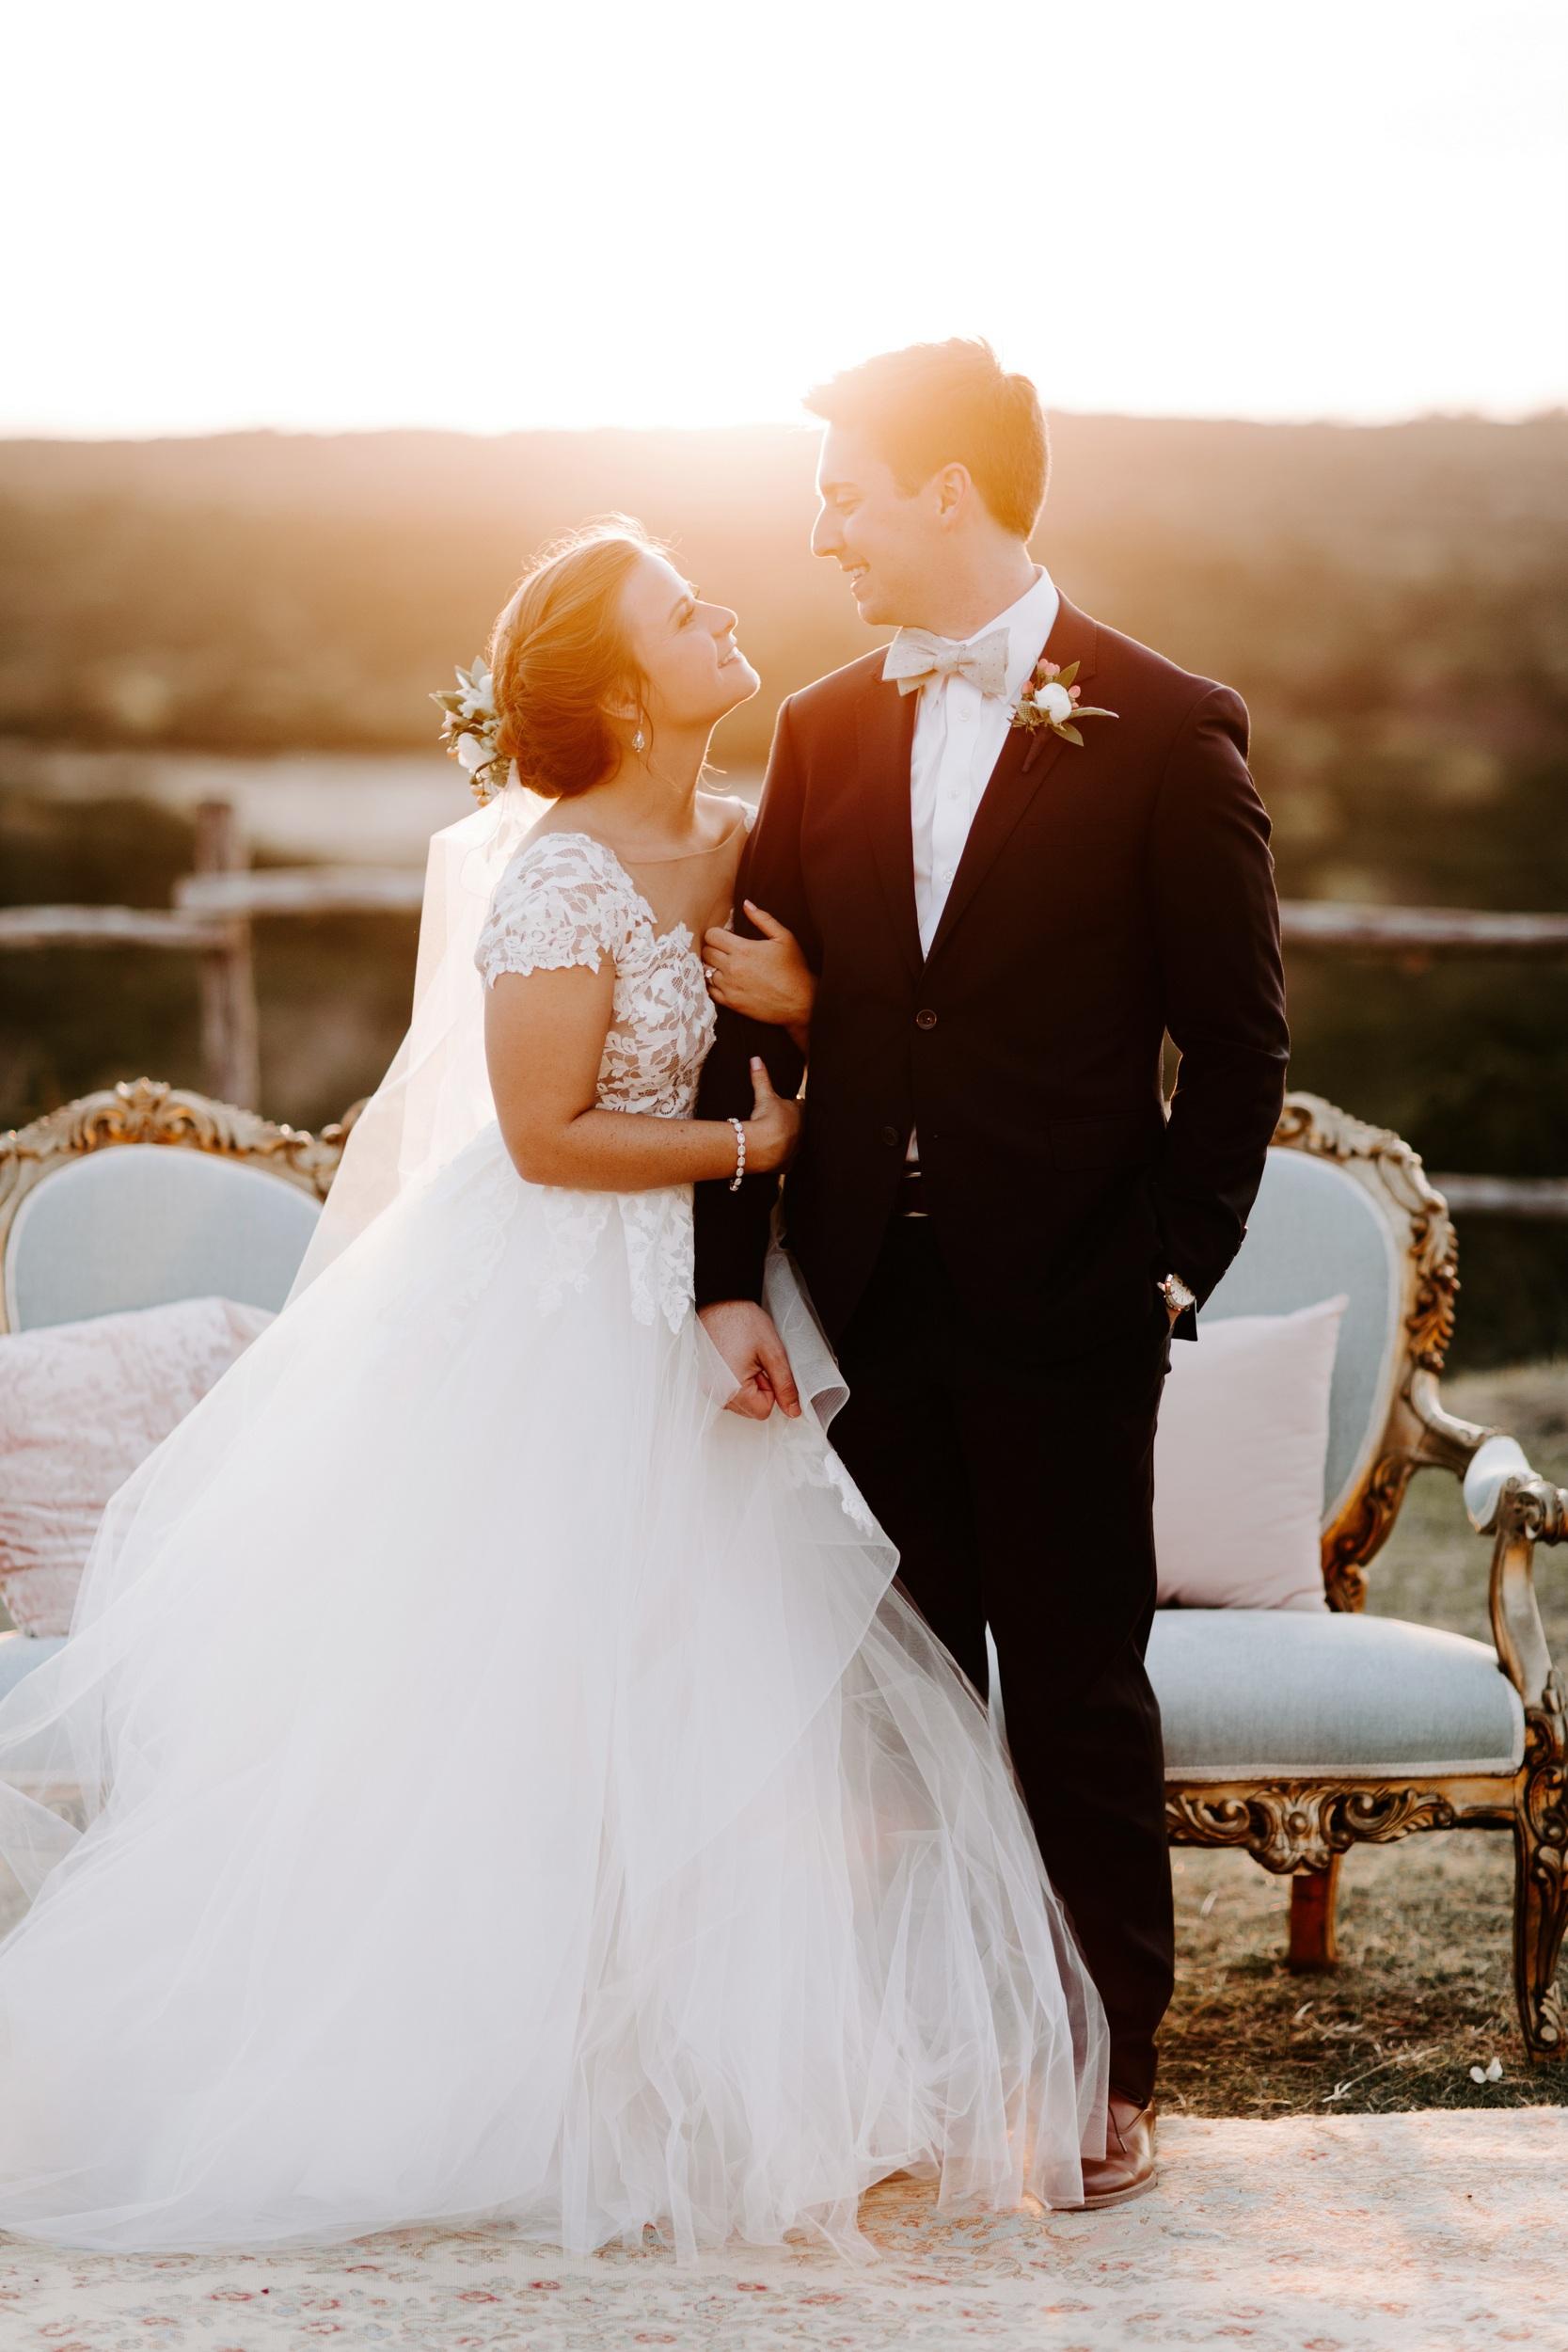 1-MADDY + PATRICK WEDDING_HALEY RYNN RINGO_rent my dust_p (57).jpg